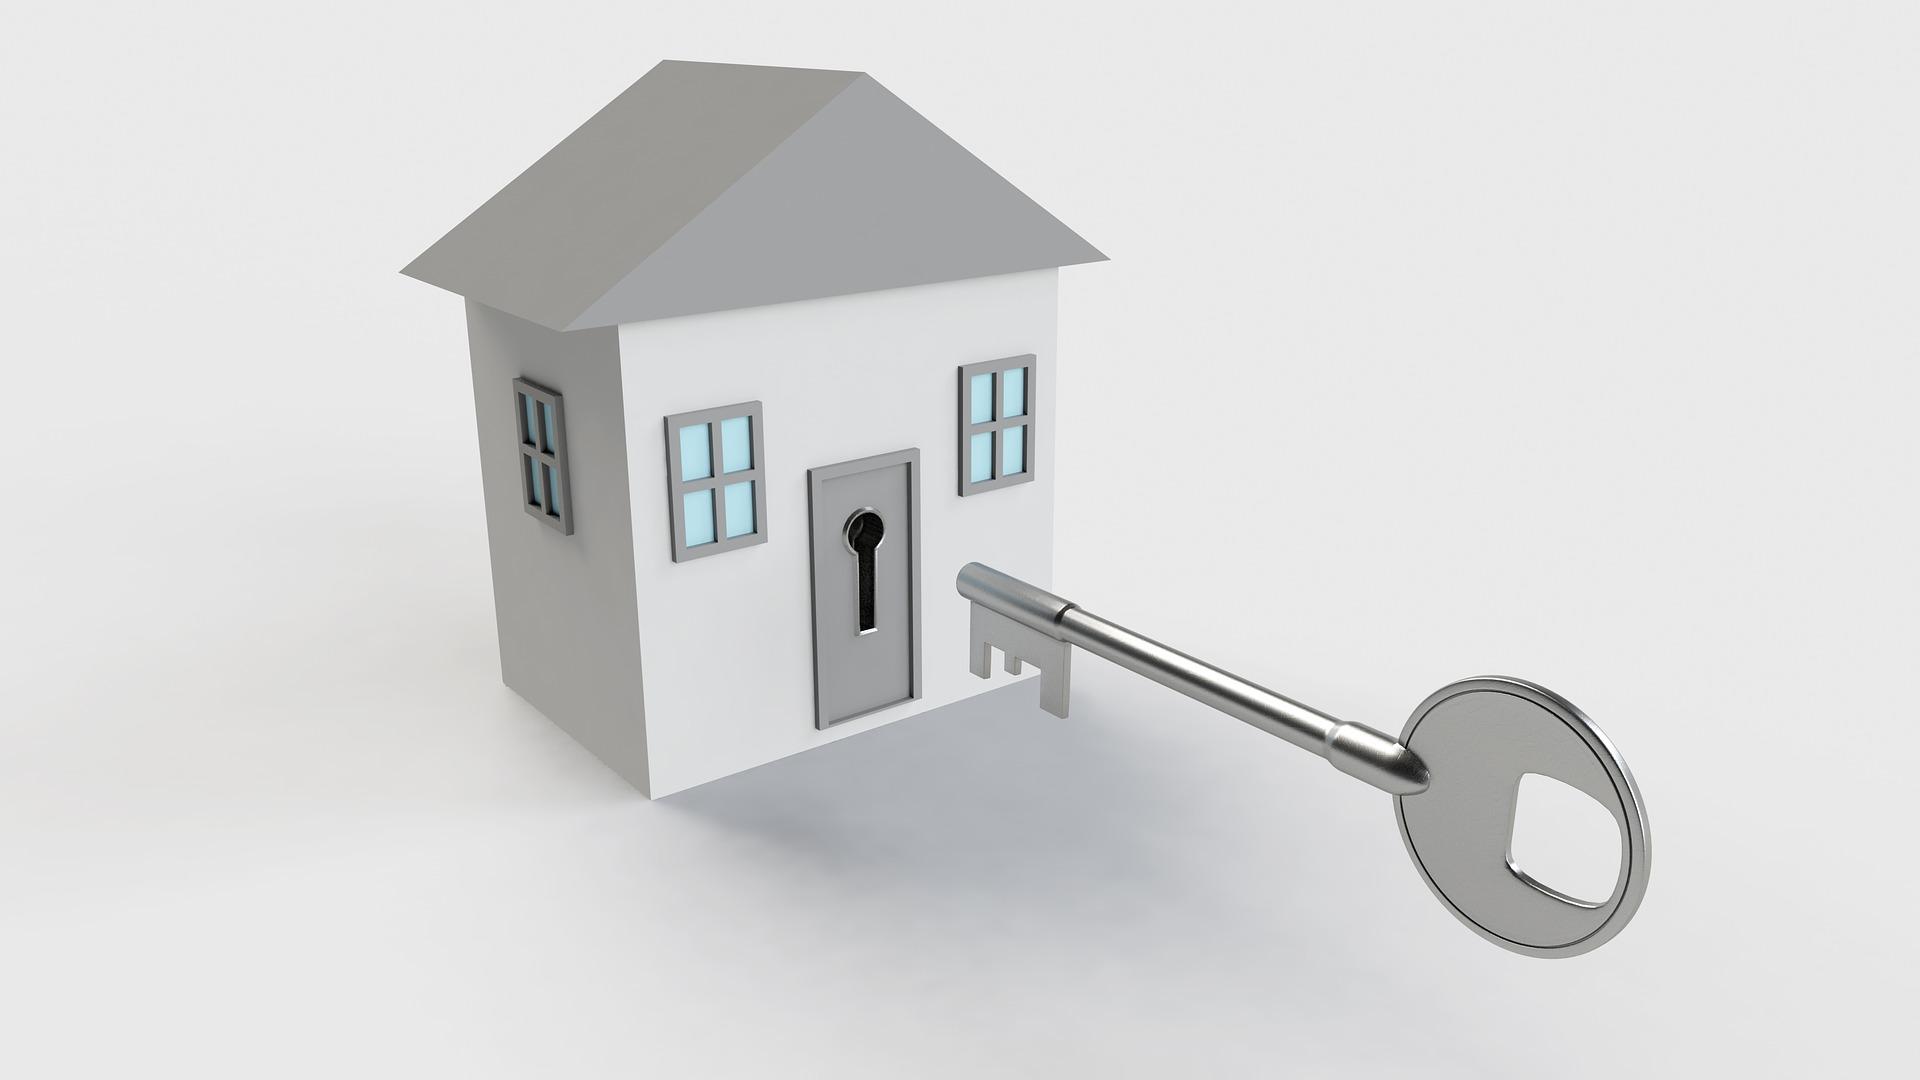 Aprobado el Real Decreto-ley 21/2018, de 14 de diciembre, de medidas urgentes en materia de vivienda y alquiler